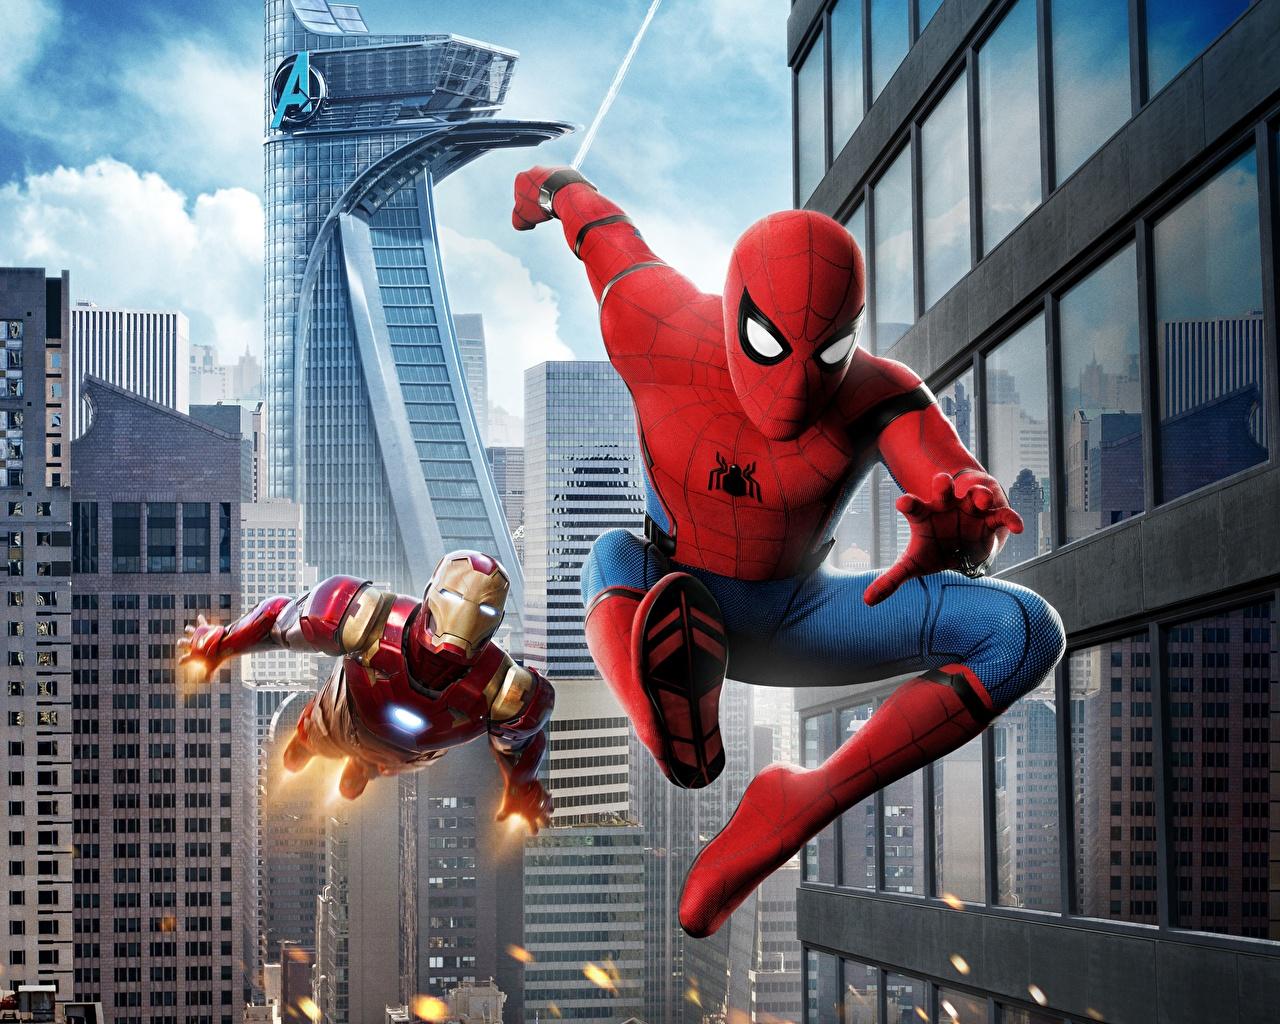 Картинки Человек-паук: Возвращение домой Человек паук герой Железный человек герой Кино Фильмы